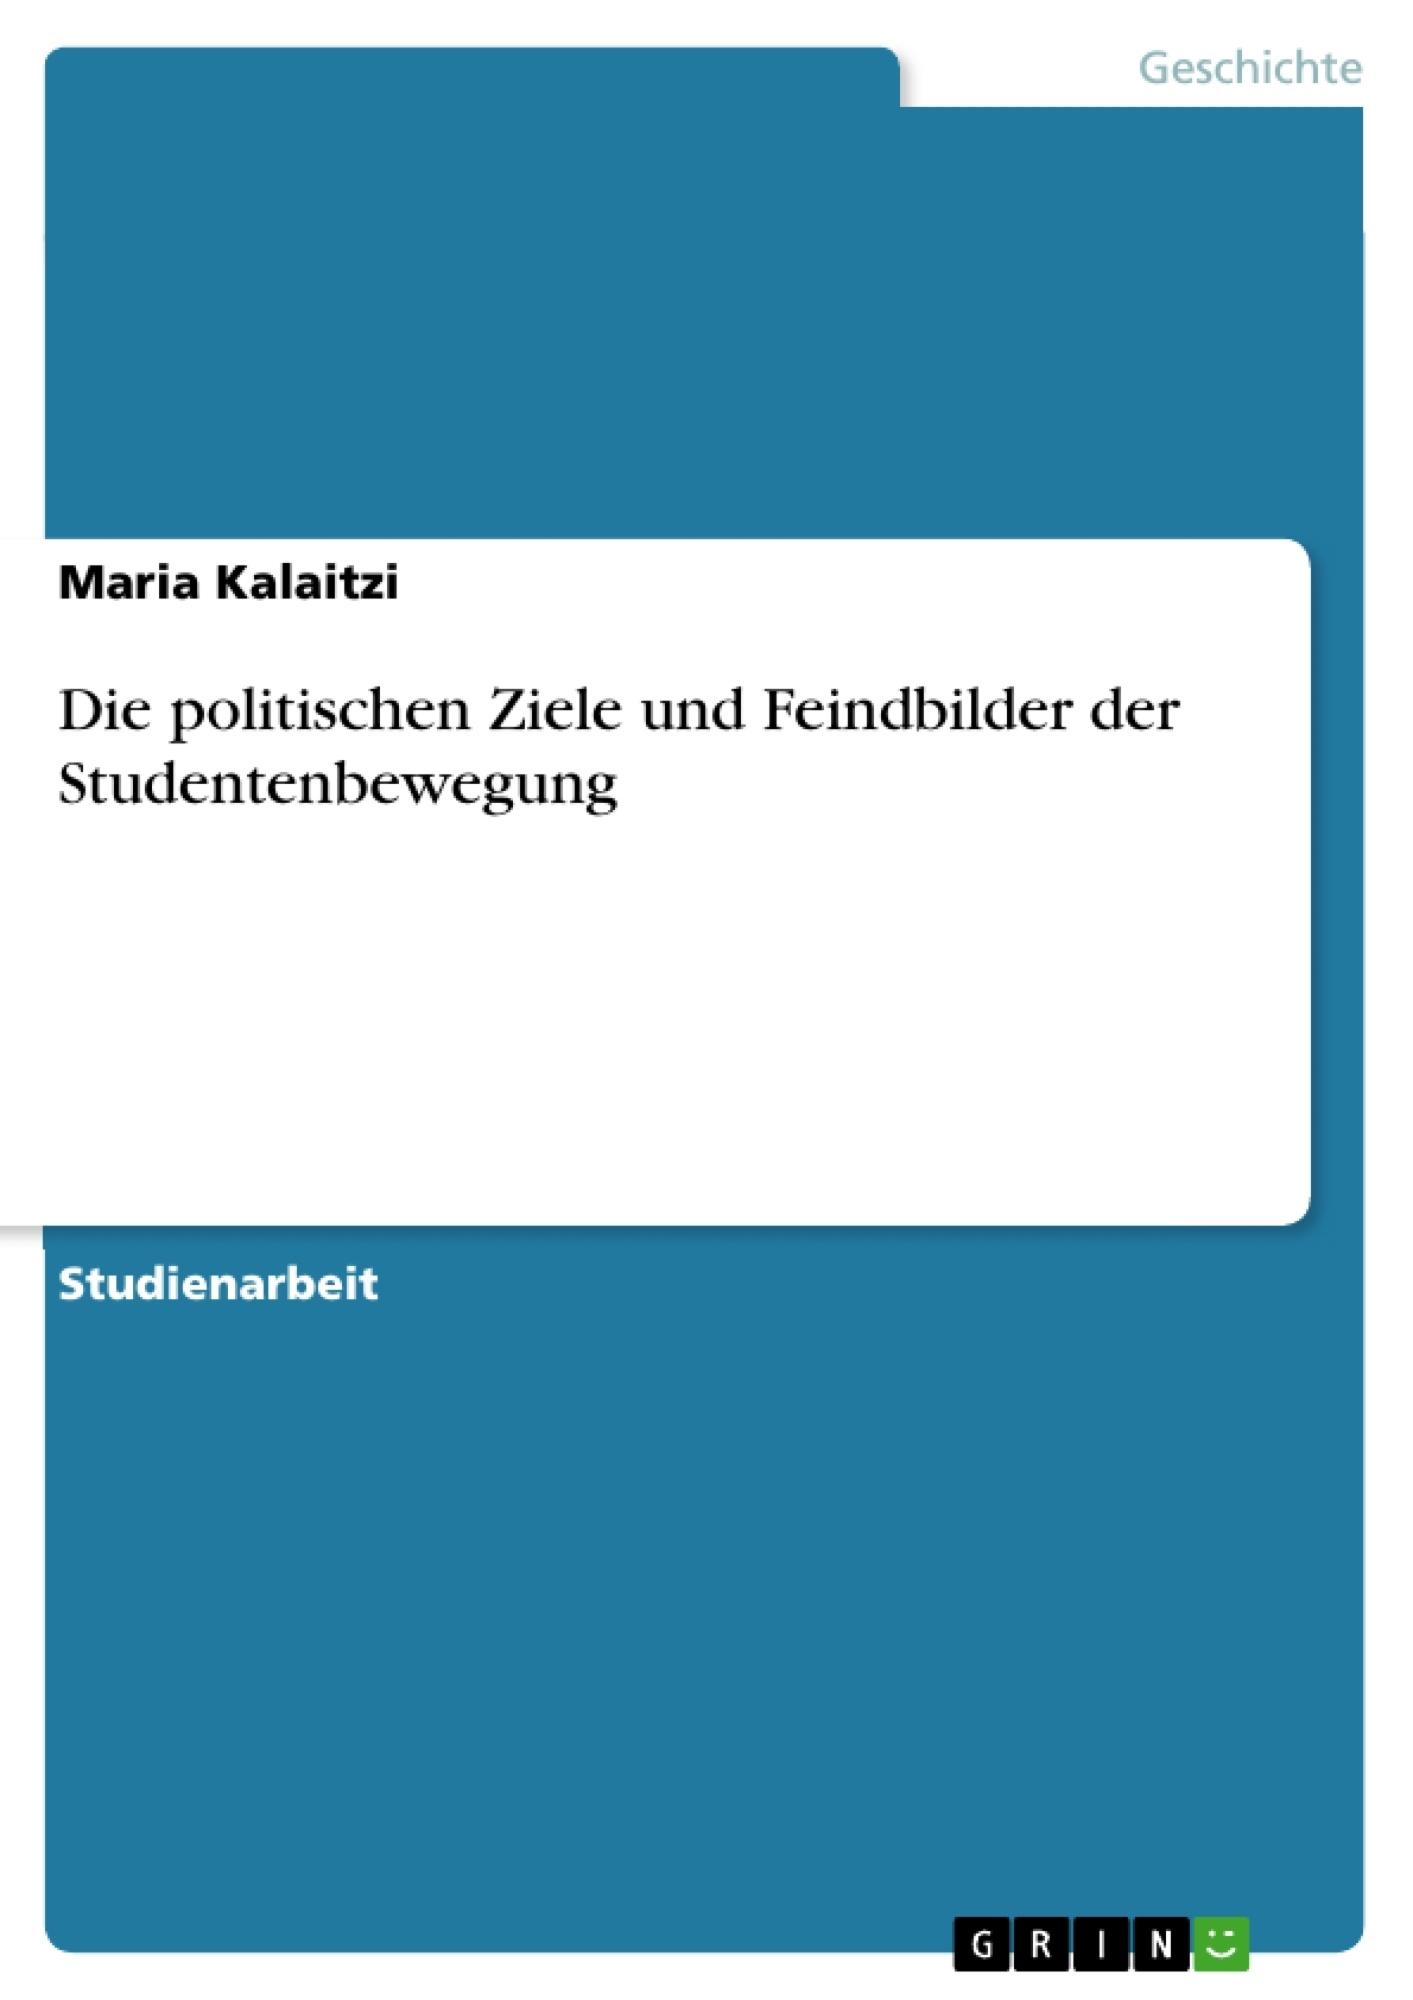 Titel: Die politischen Ziele und Feindbilder der  Studentenbewegung